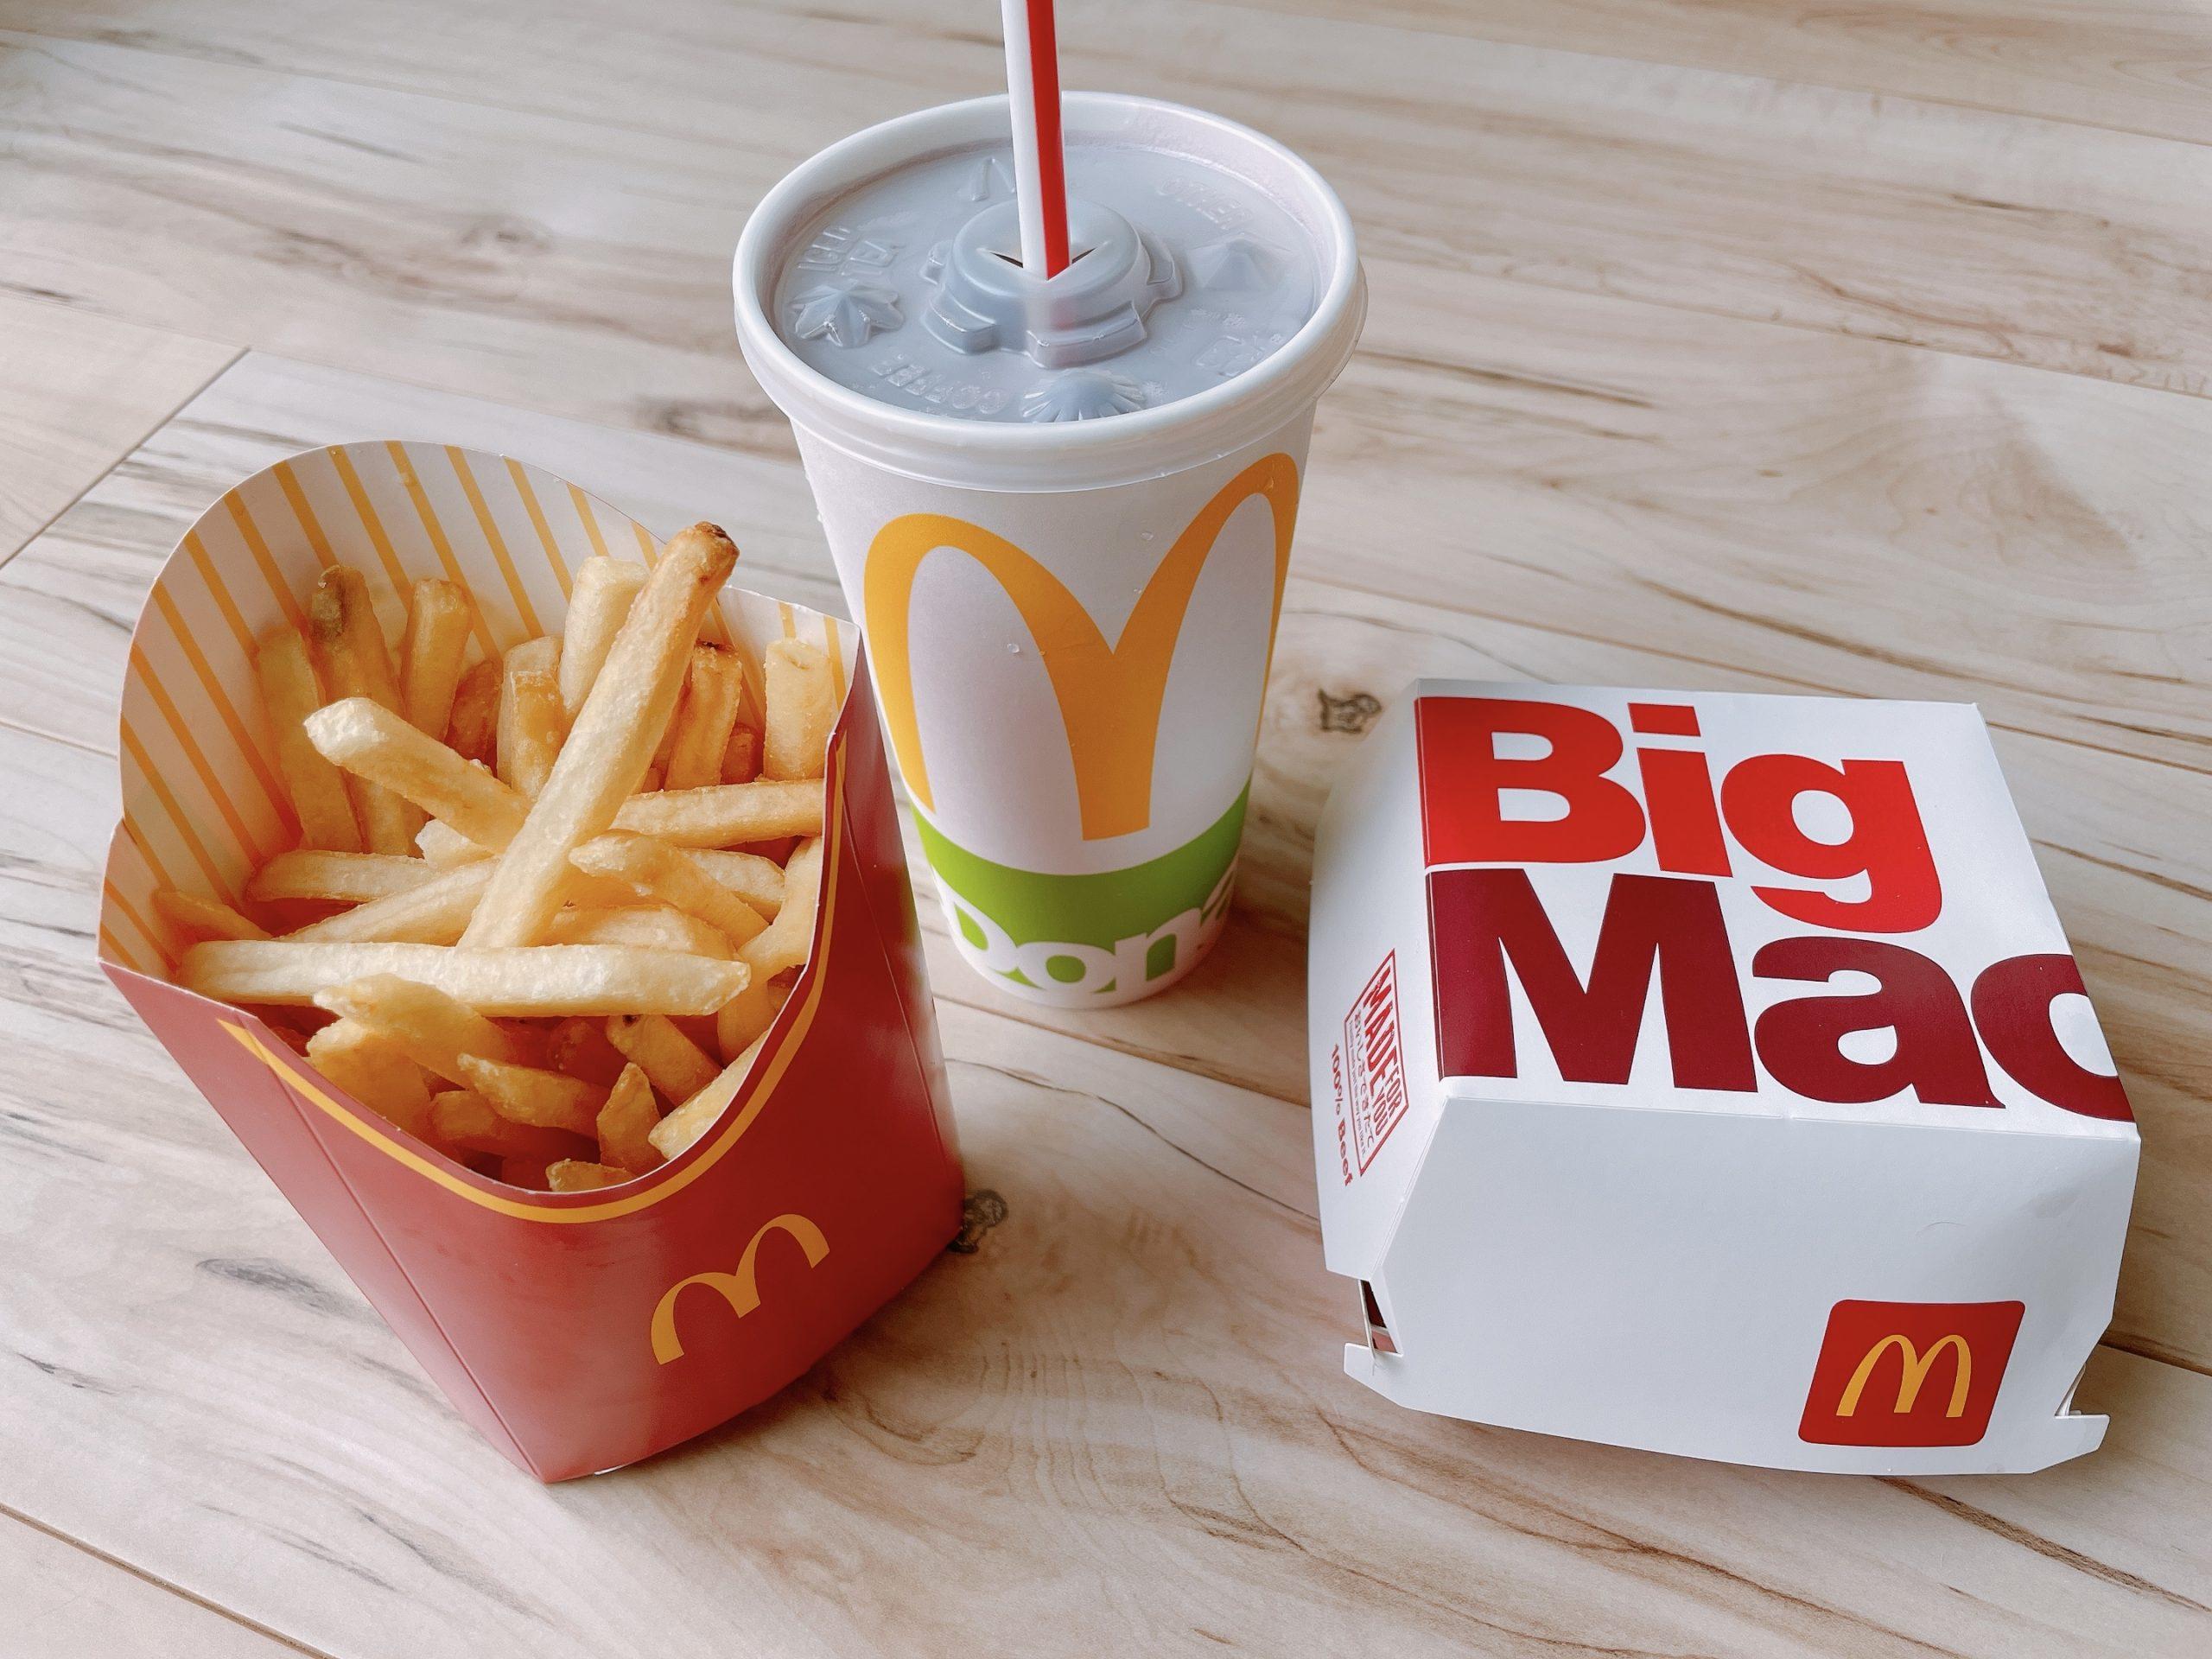 マクドナルドのビッグマックセット